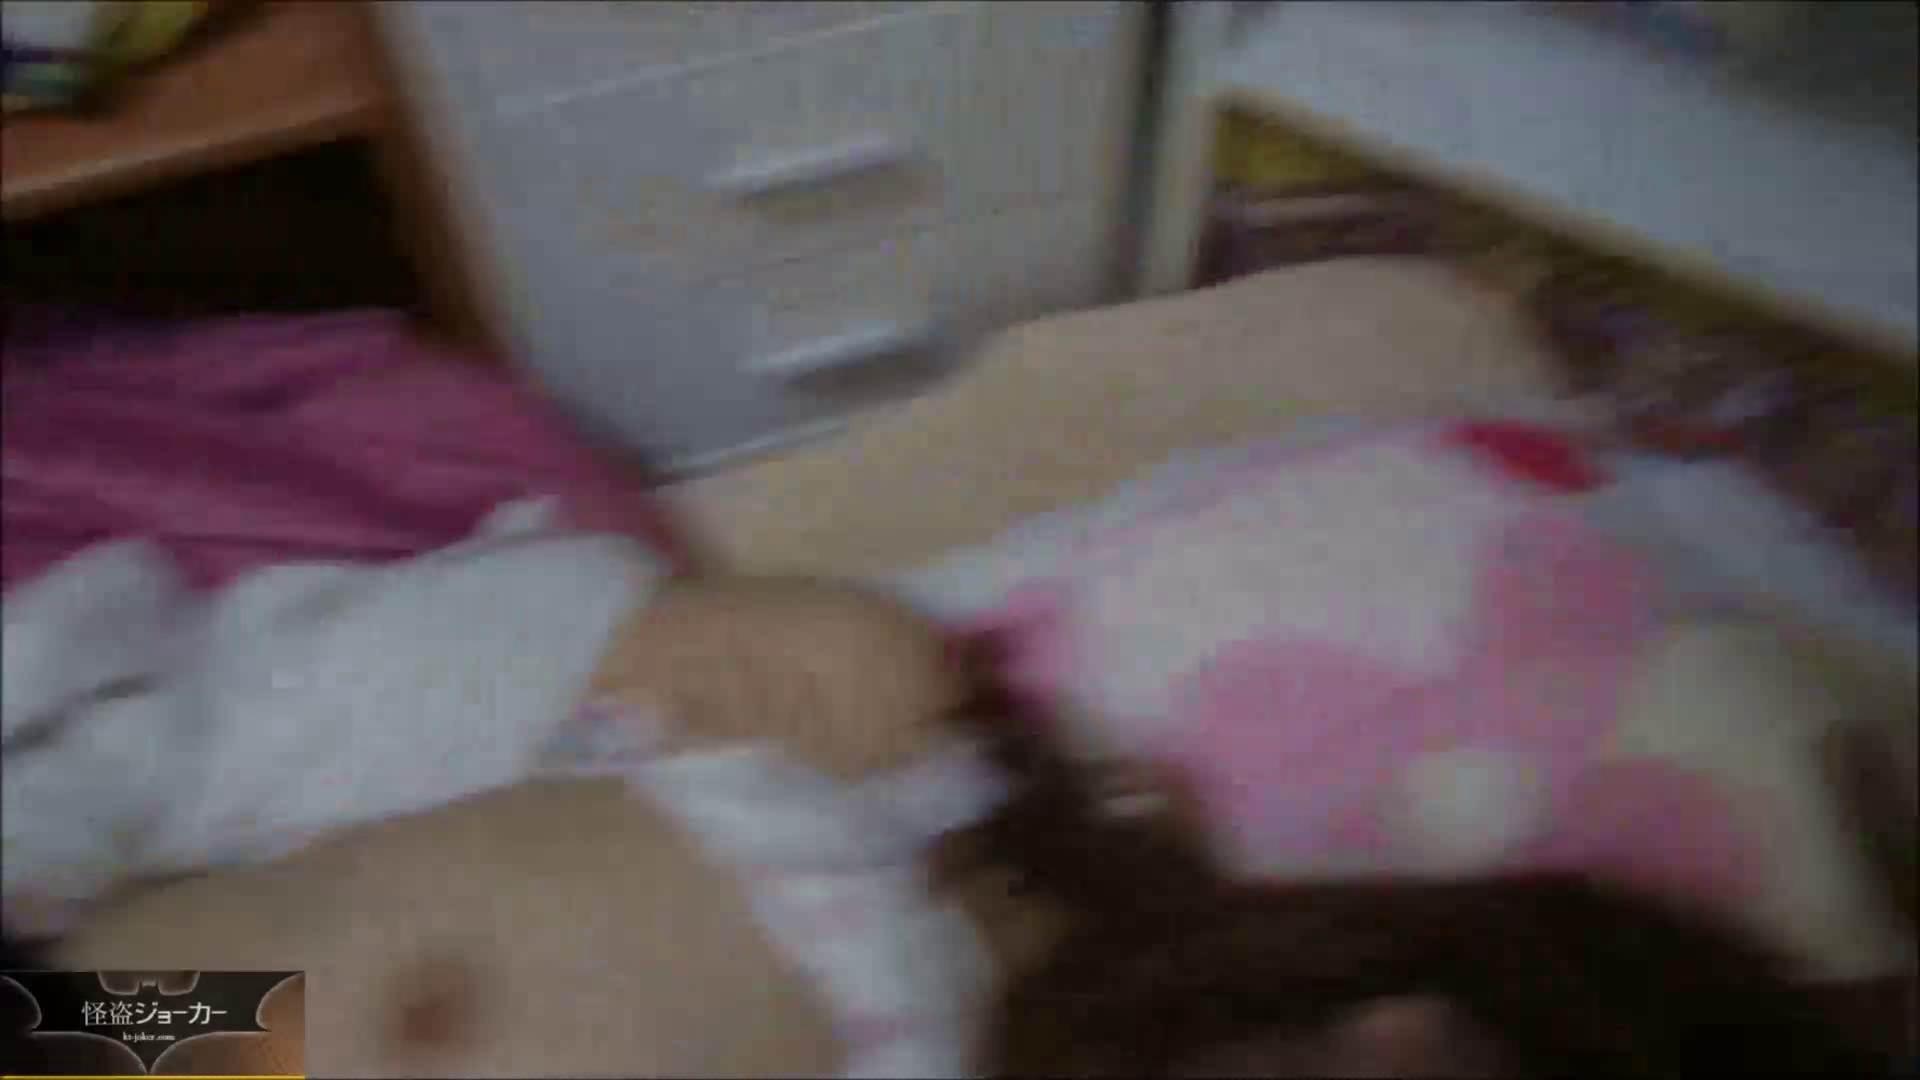 【未公開】vol.23 ユリナ、寝取られのアト。 友人のセックス  82枚 40